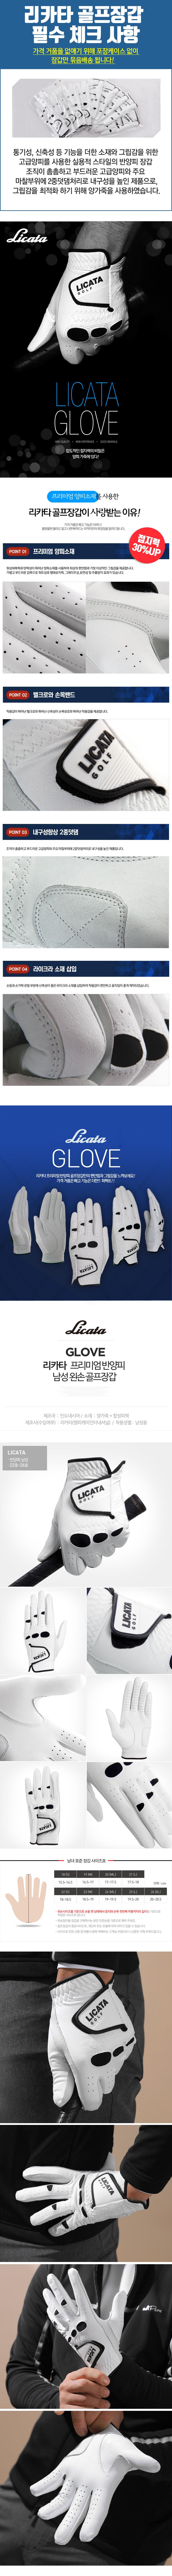 2018_licata_premium_m_glove_17.jpg